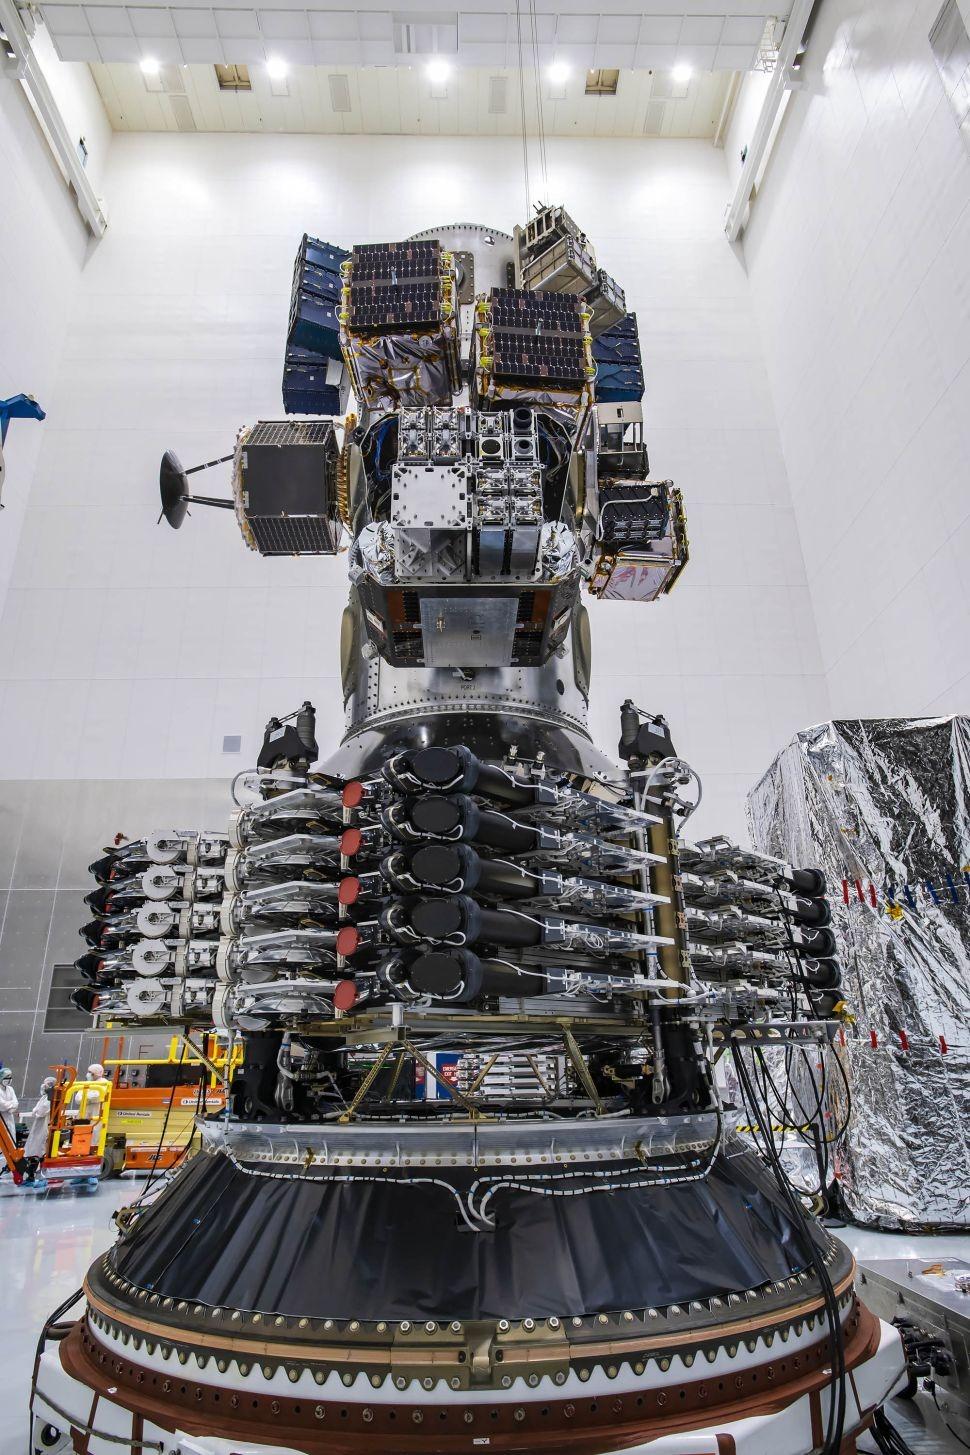 اسپیس ایکس رکورد جدیدی را در حمل بیشترین تعداد ماهواره در یک پرتاب به ثبت رساند